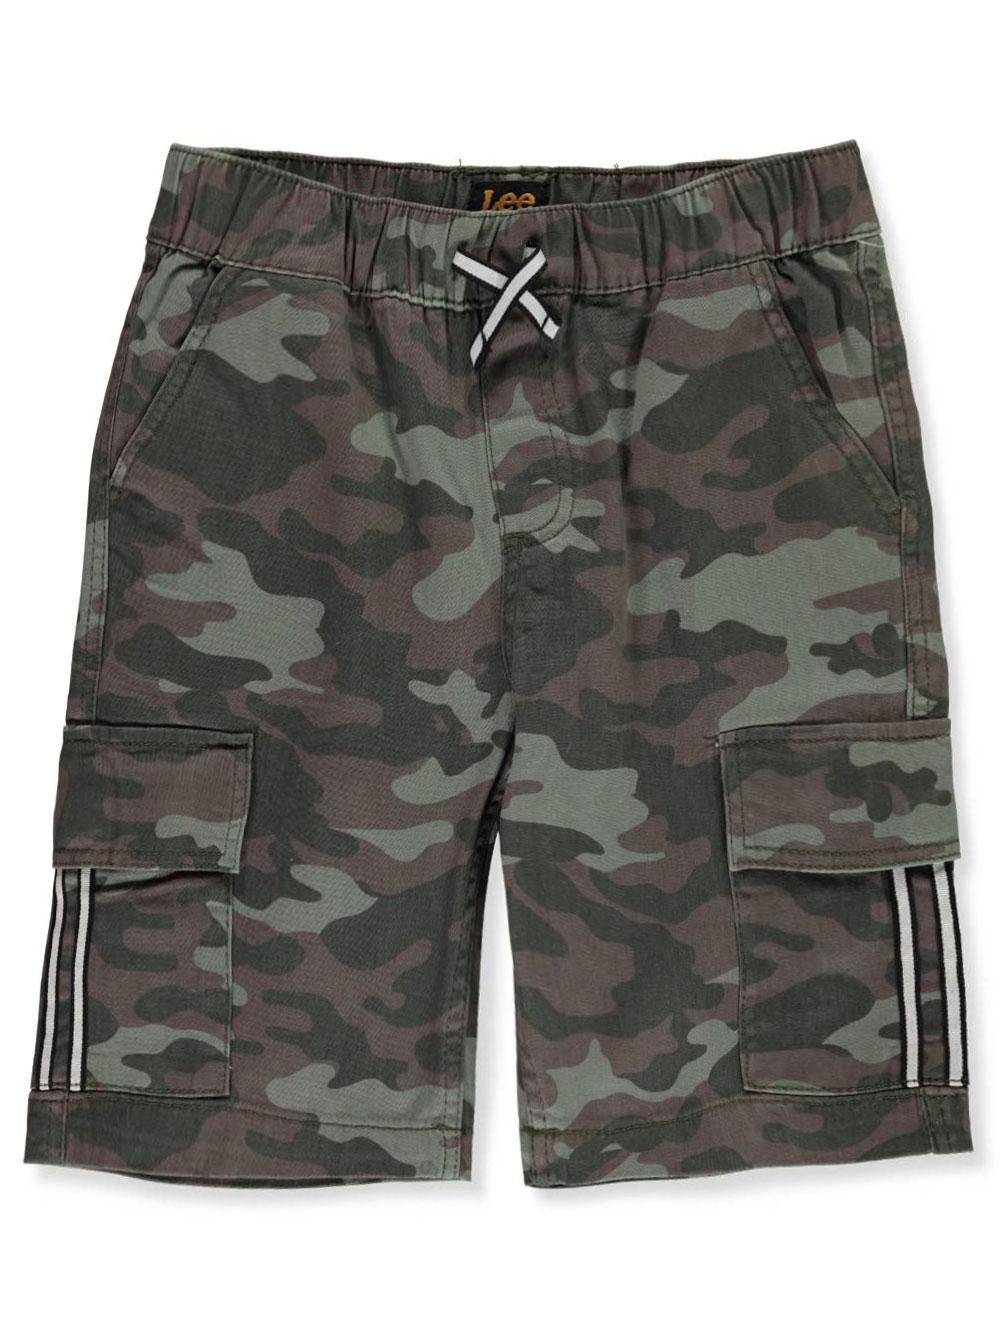 743f7c3c3a Lee Boys' Twill Cargo Shorts